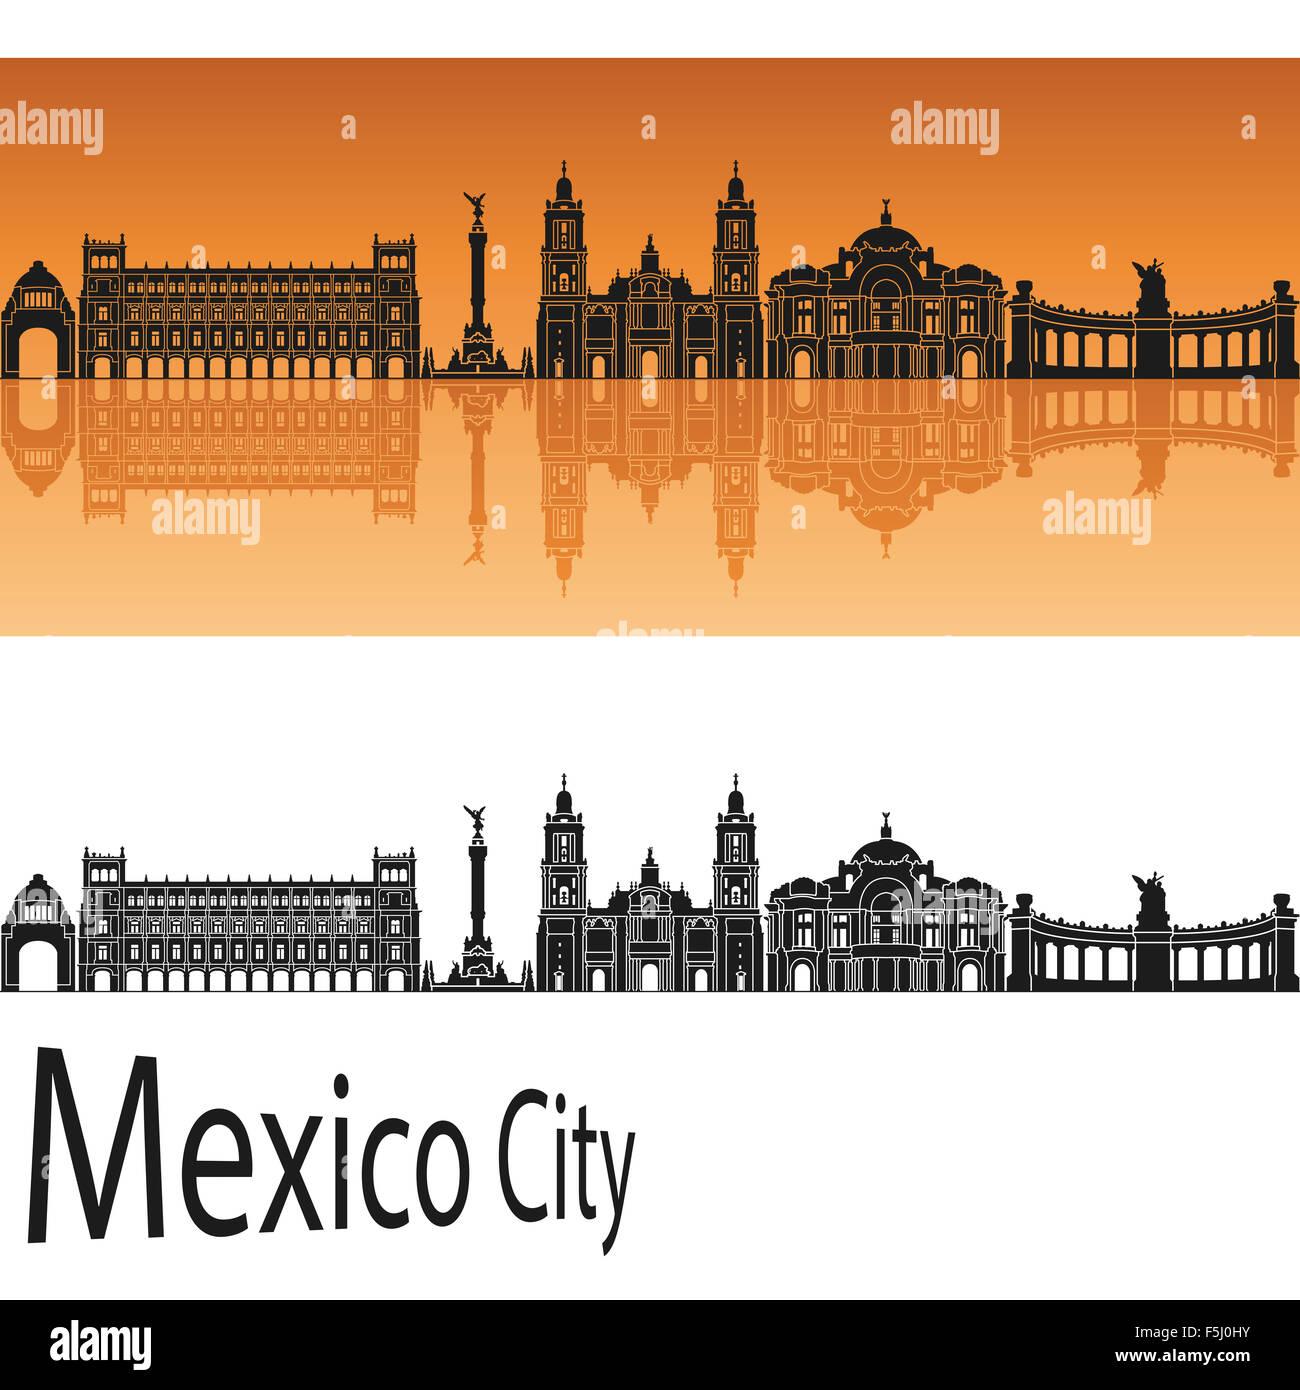 Mexico City V2 skyline in orange background in editable vector file - Stock Image